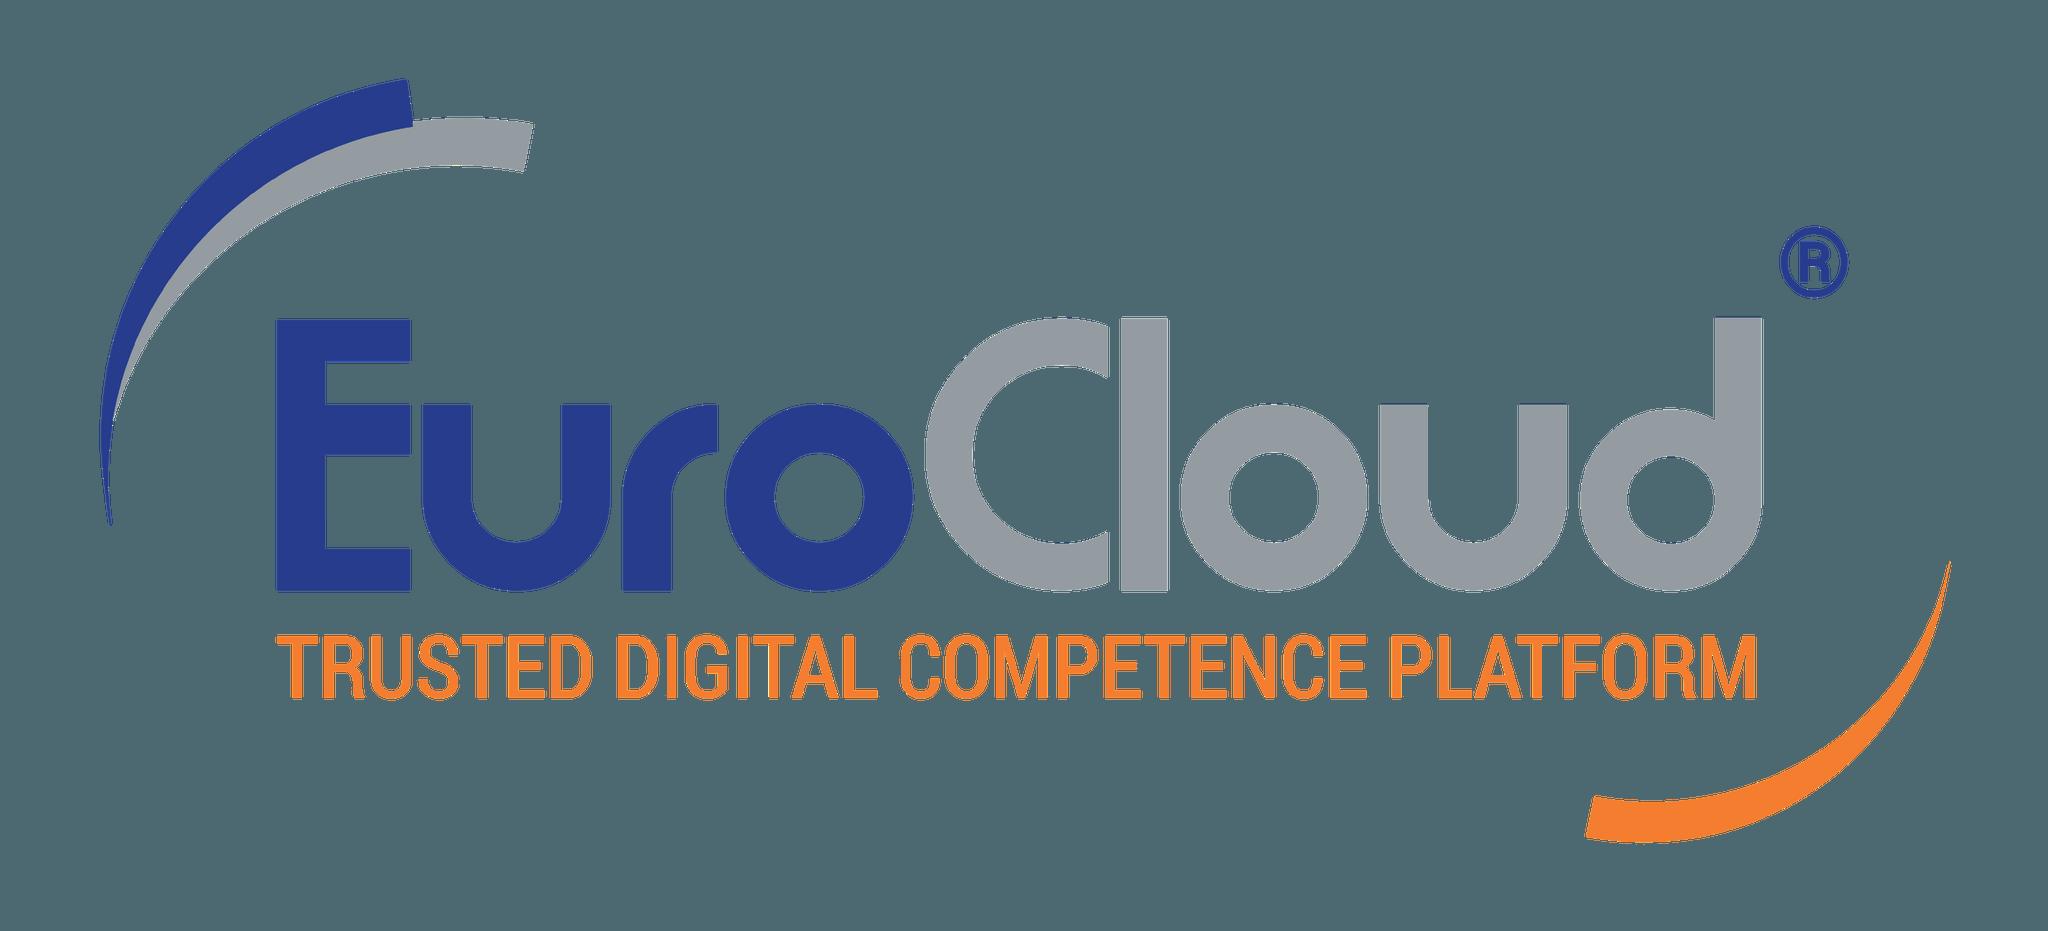 Euro Cloud